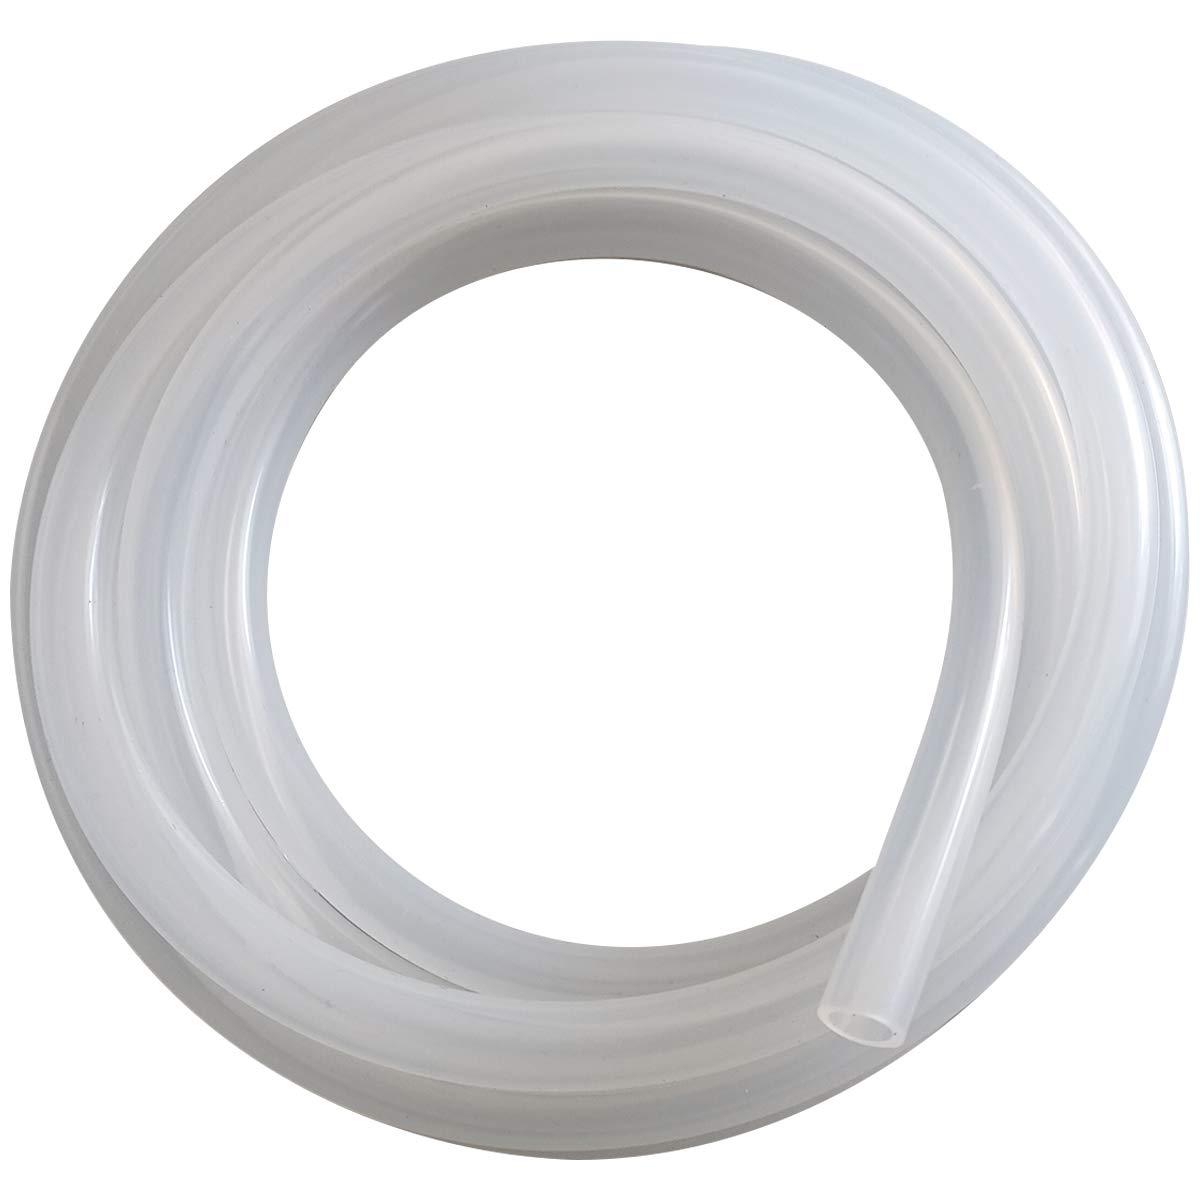 Pure Silicone Tubing 3/8